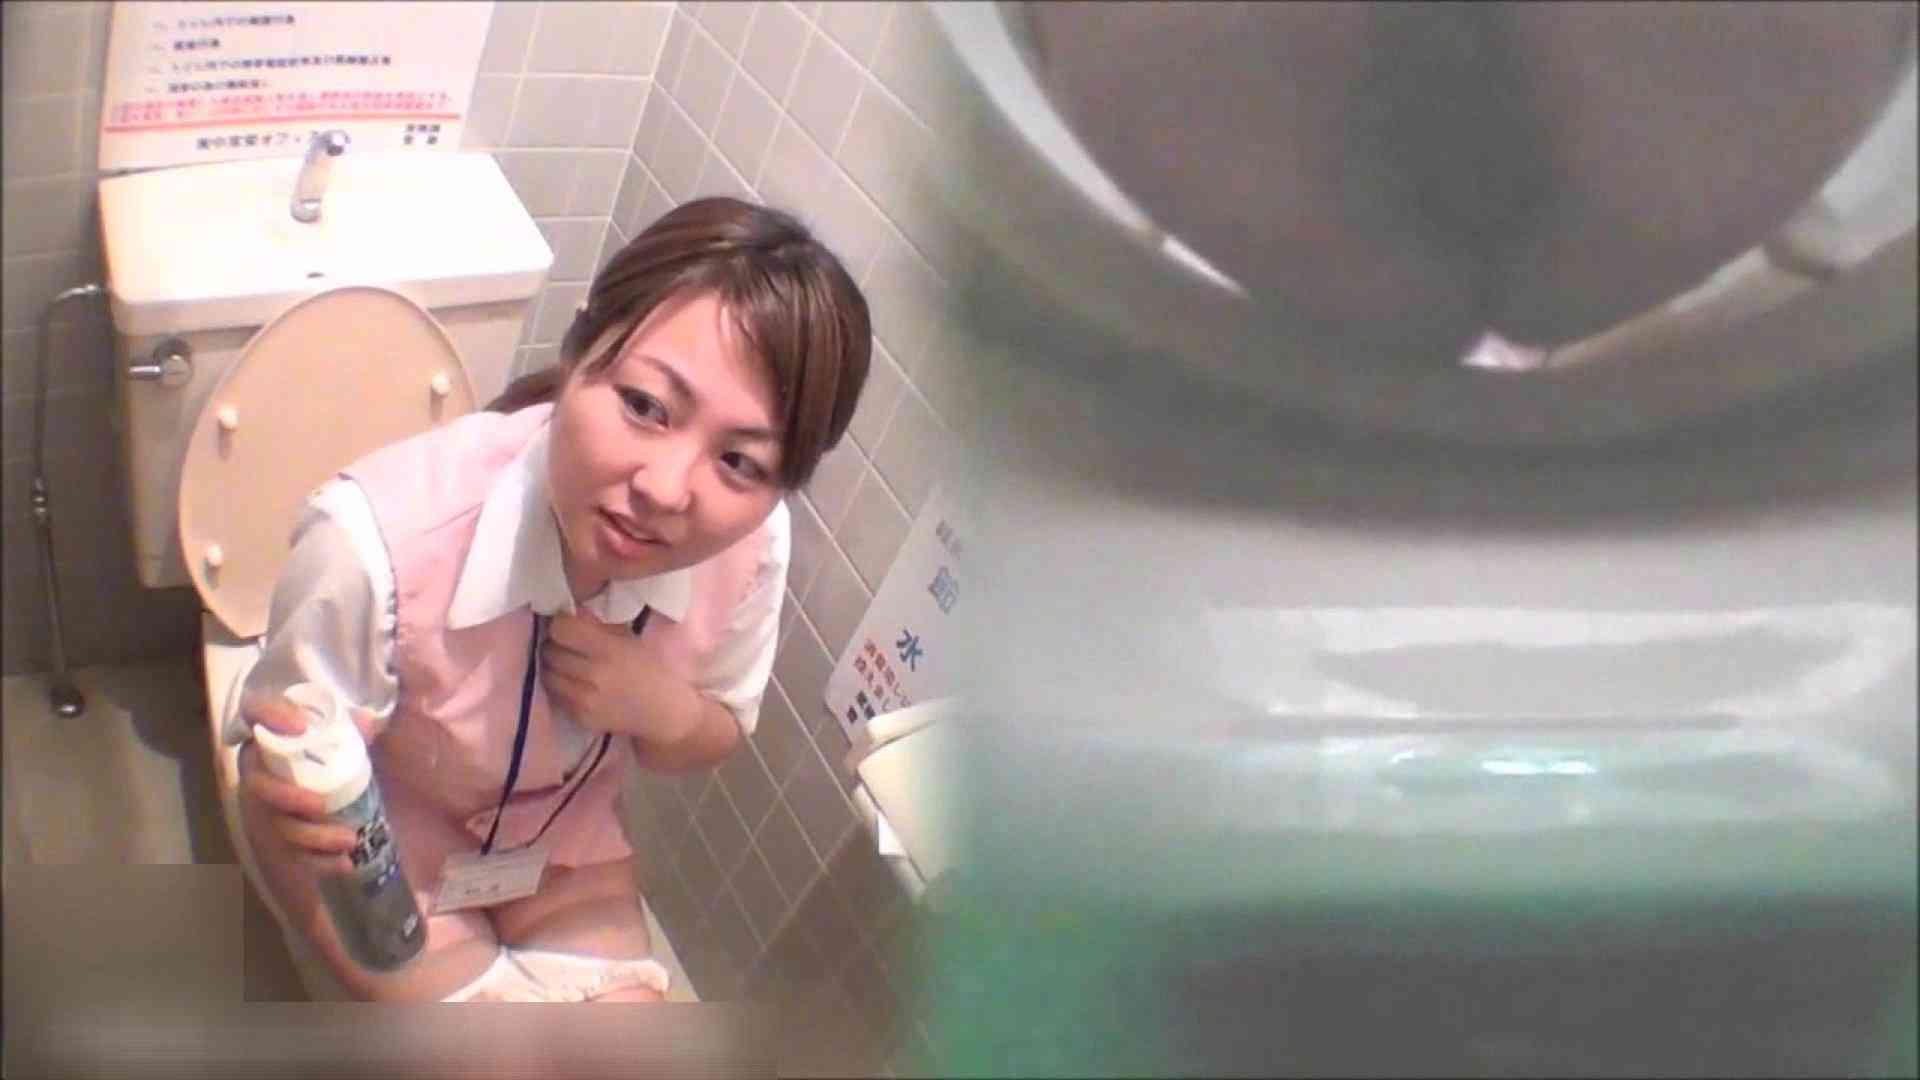 洗面所盗撮~隣の美人お姉さんVol.26 独占盗撮 | うんこ特撮  23連発 7